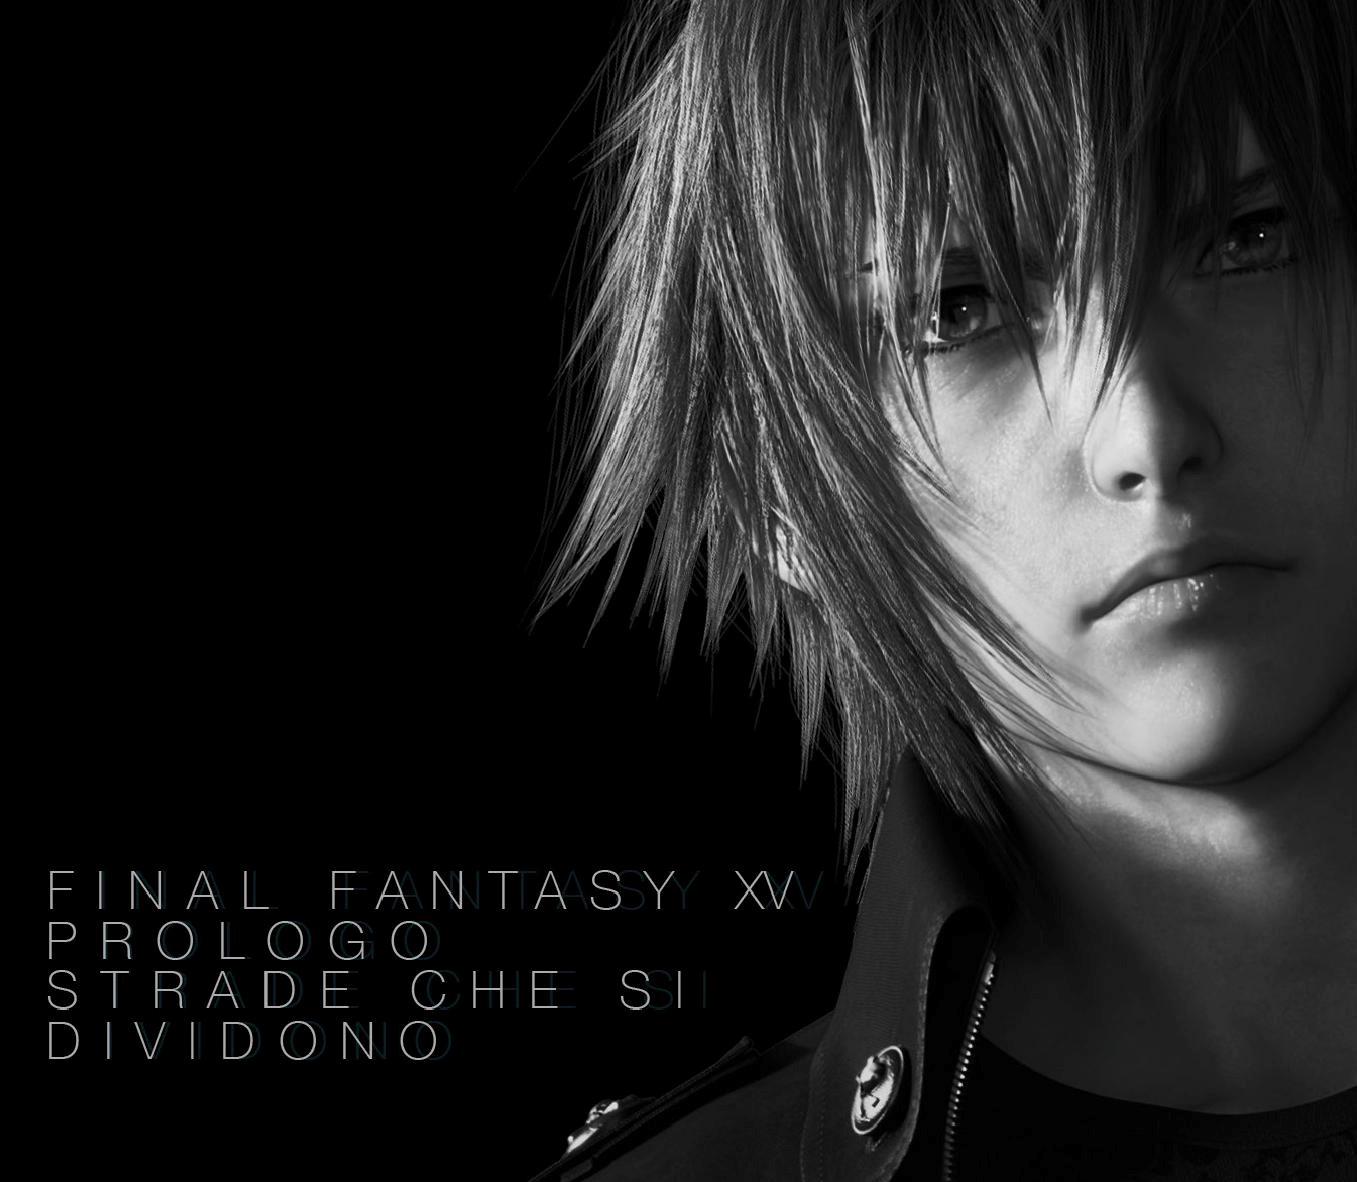 Una novel per Final Fantasy XV: Prologo, Strade che si dividono!